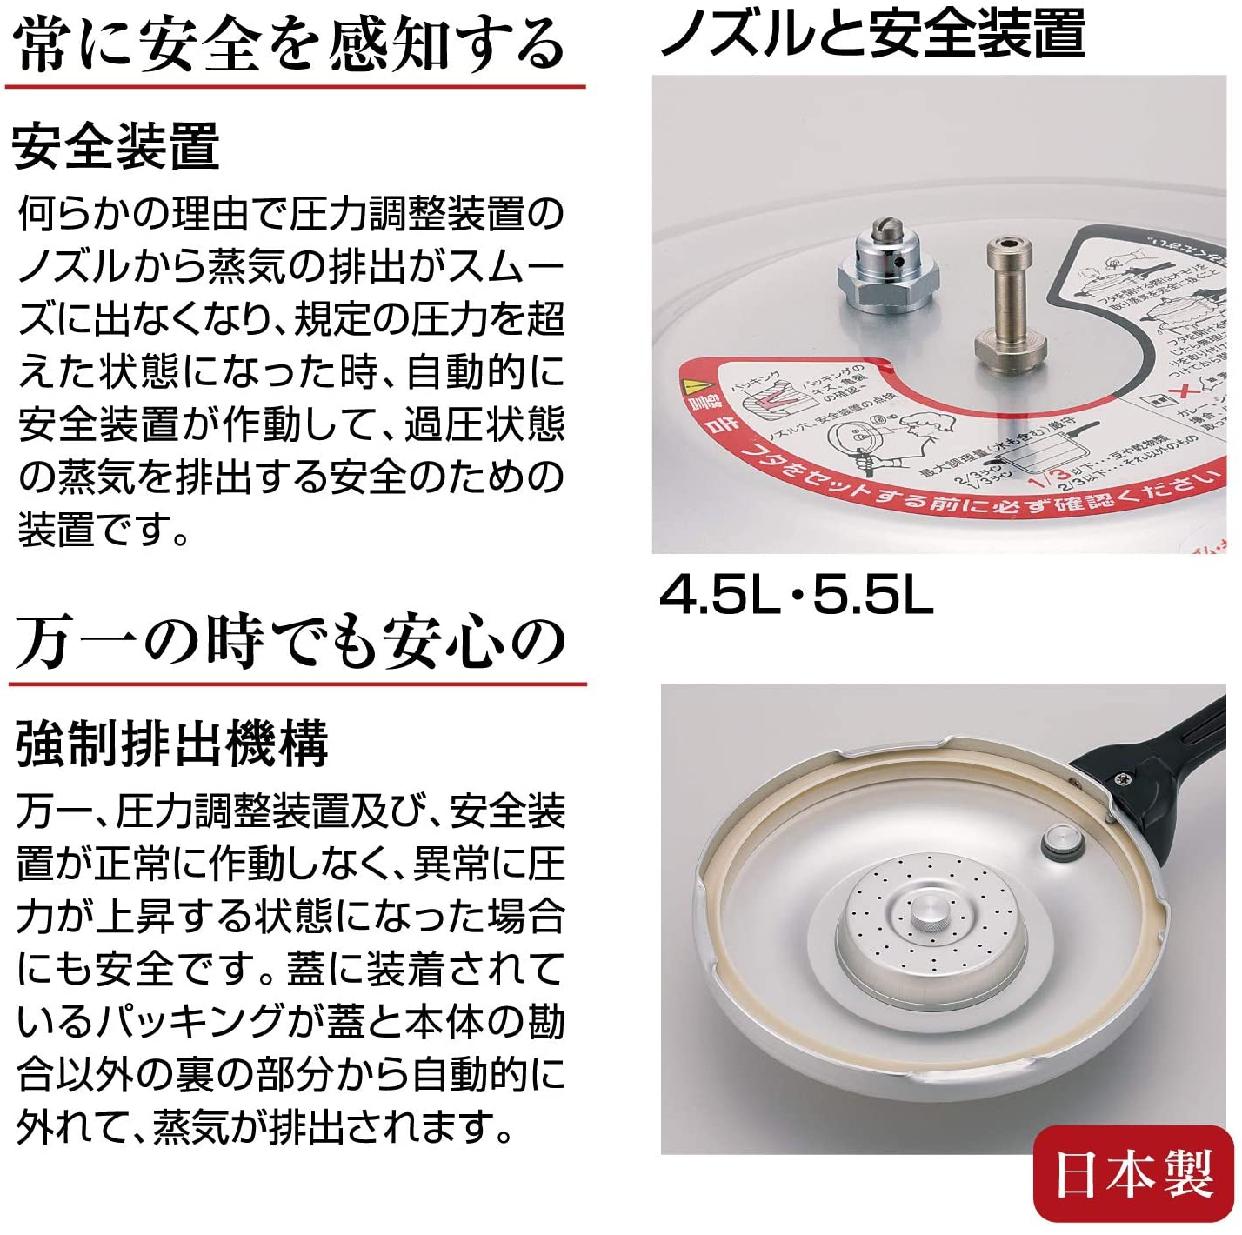 北陸アルミニウム(ホクリクアルミニウム) リブロン圧力鍋の商品画像3